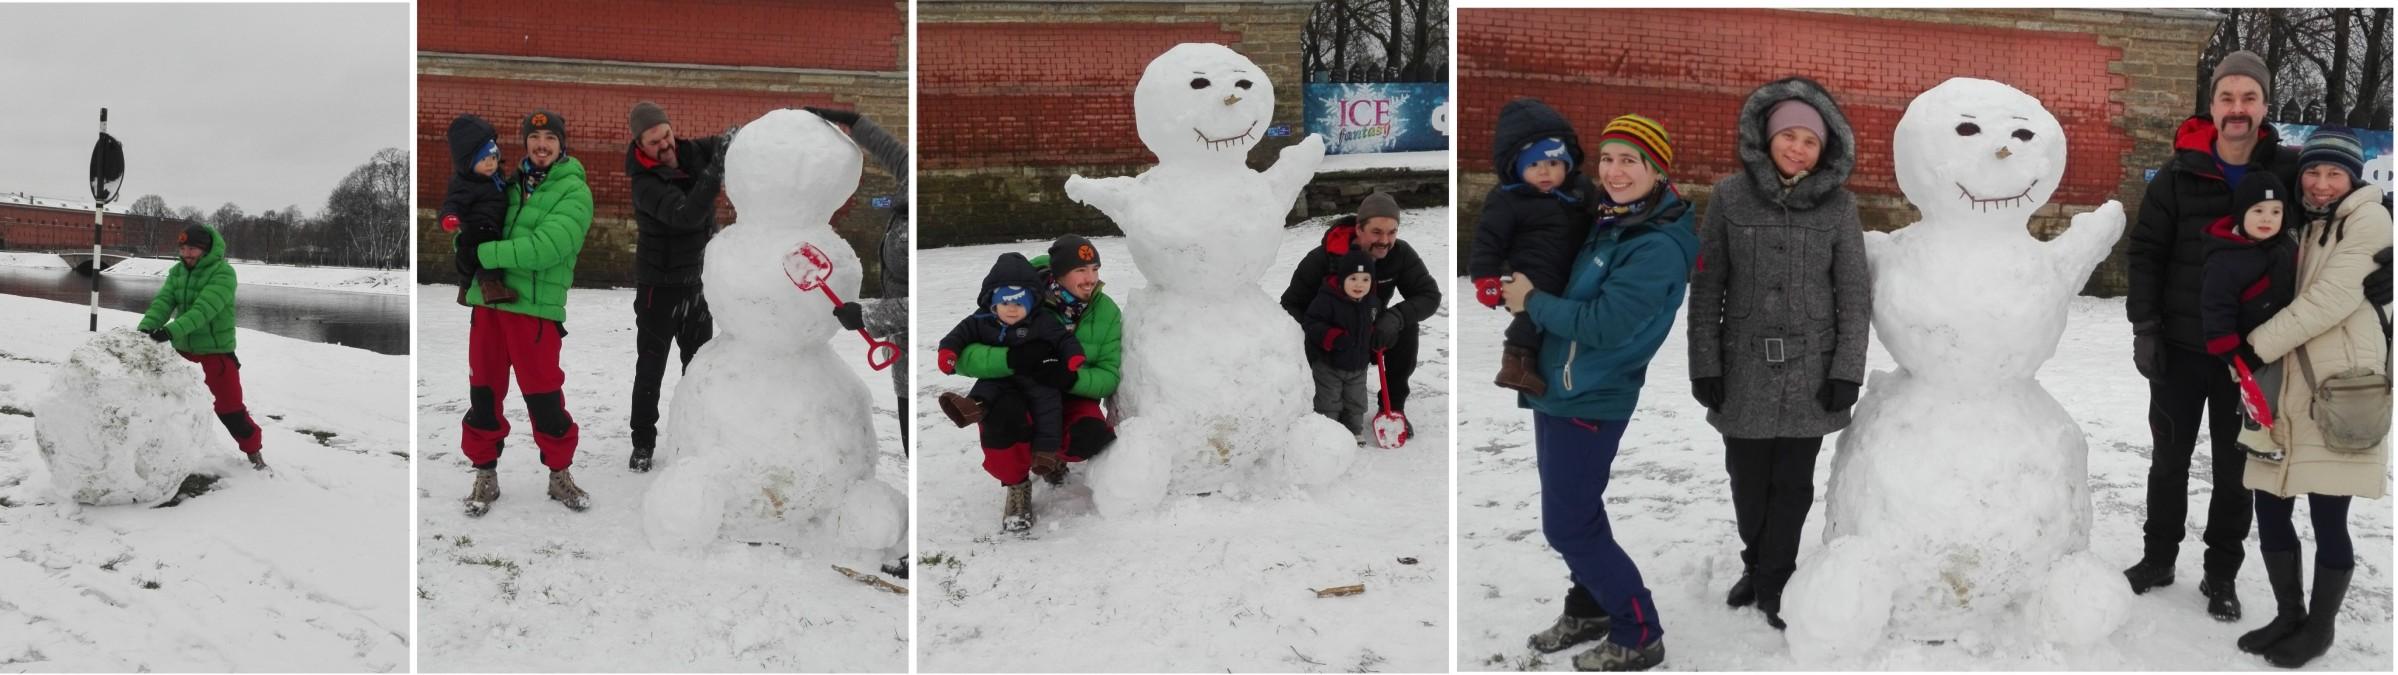 33 1 января снеговик1